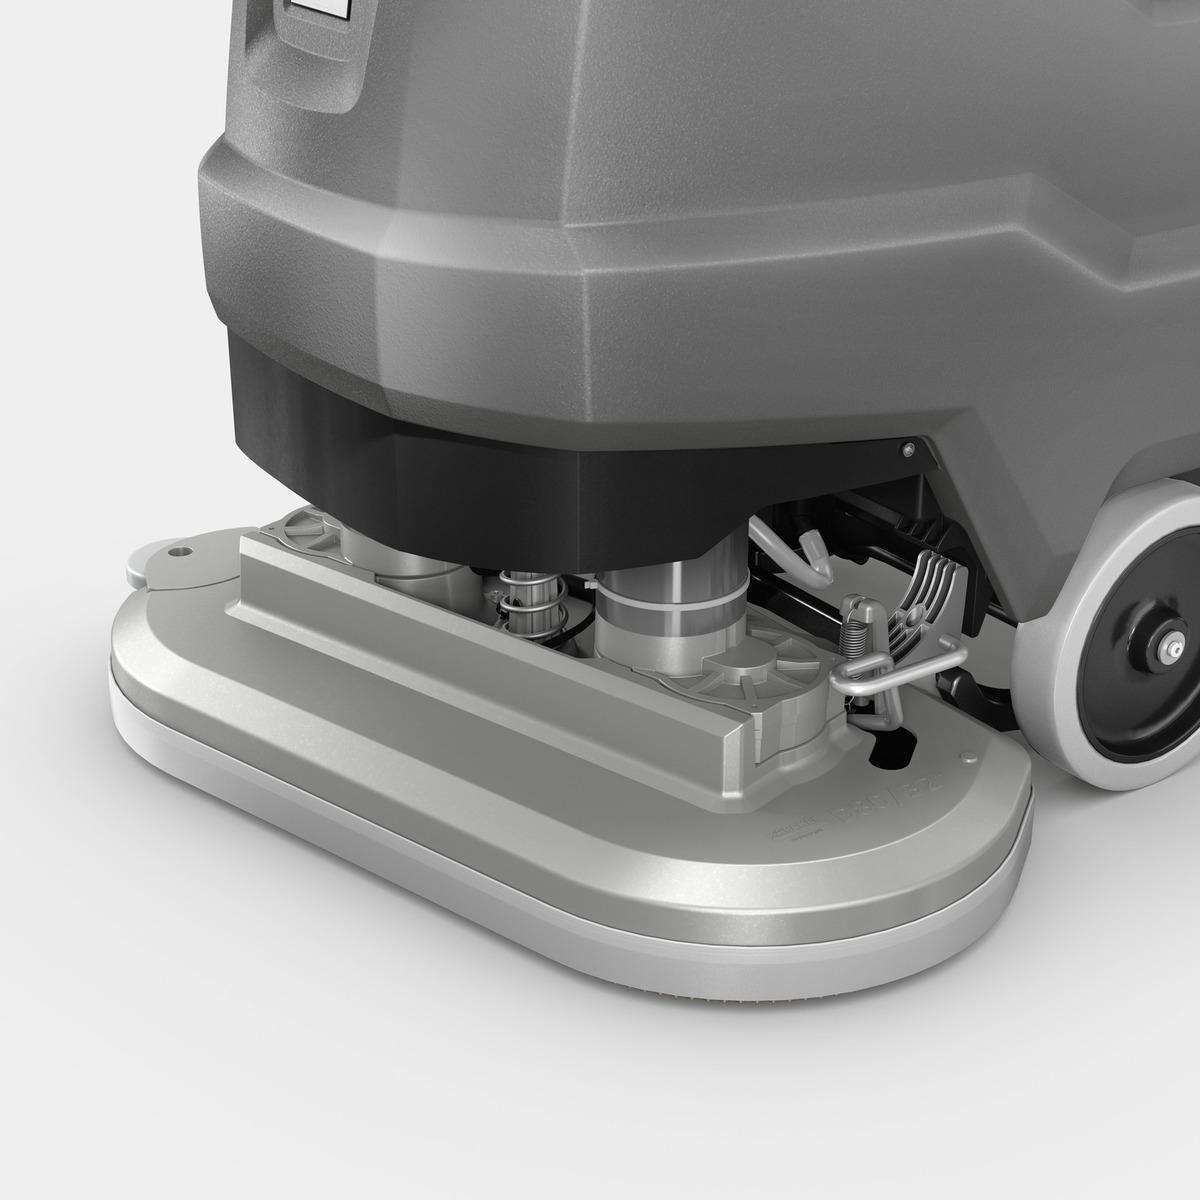 压铸铝洗地盘刷,带缓冲装置,耐用性更强